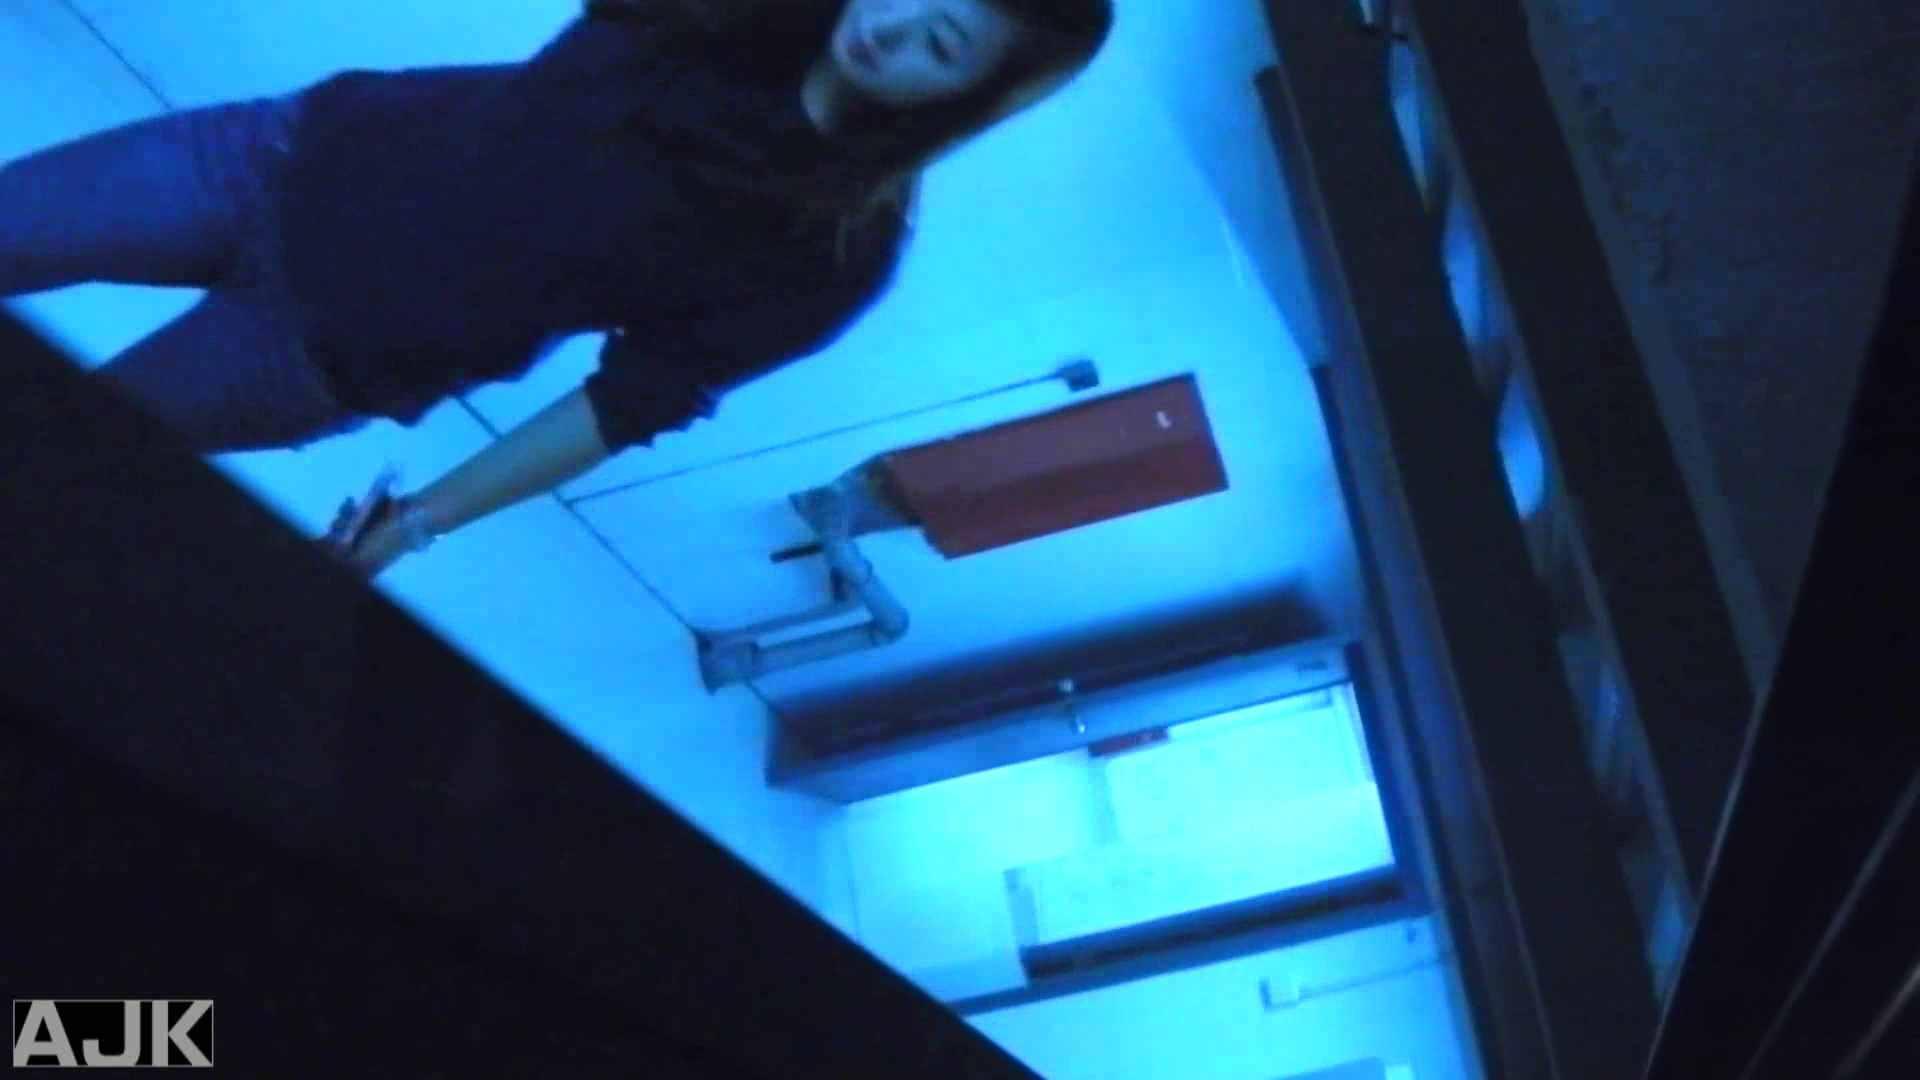 神降臨!史上最強の潜入かわや! vol.12 潜入 ワレメ無修正動画無料 84連発 51